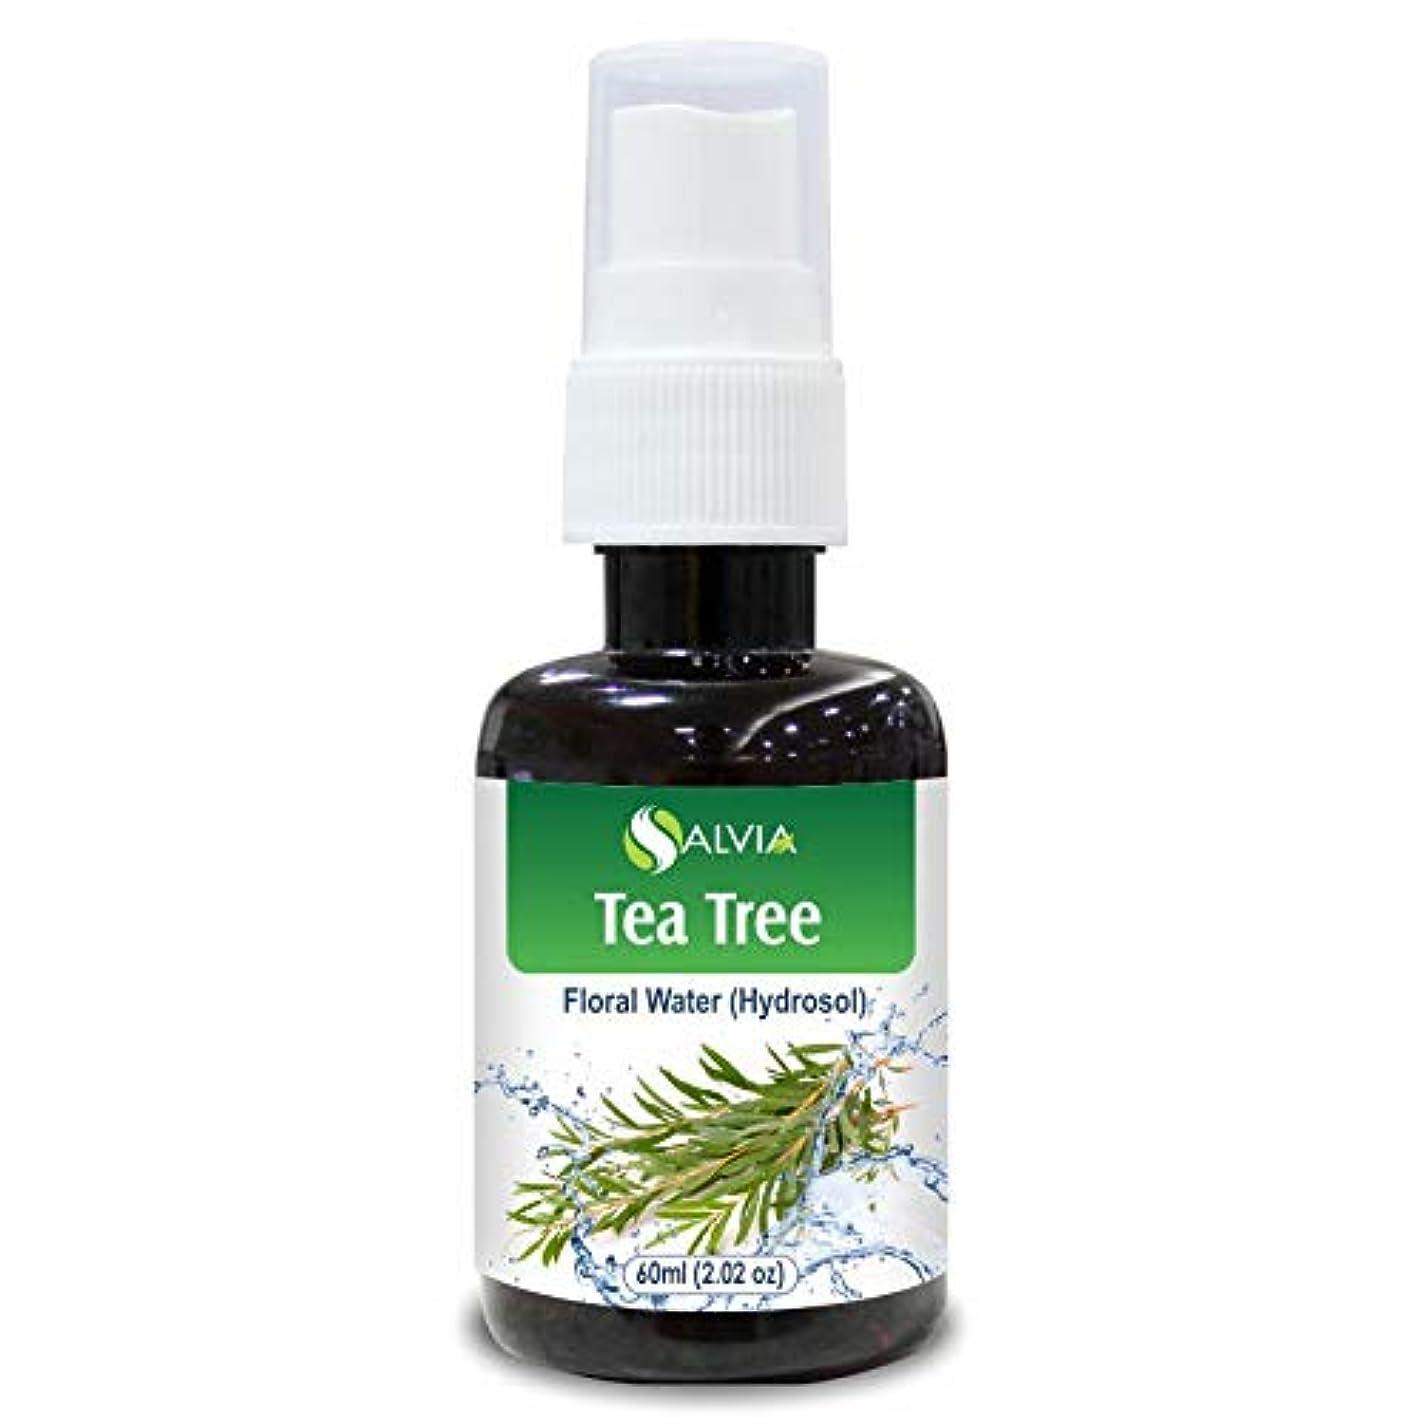 会話型コーン日食Tea Tree Floral Water 60ml (Hydrosol) 100% Pure And Natural